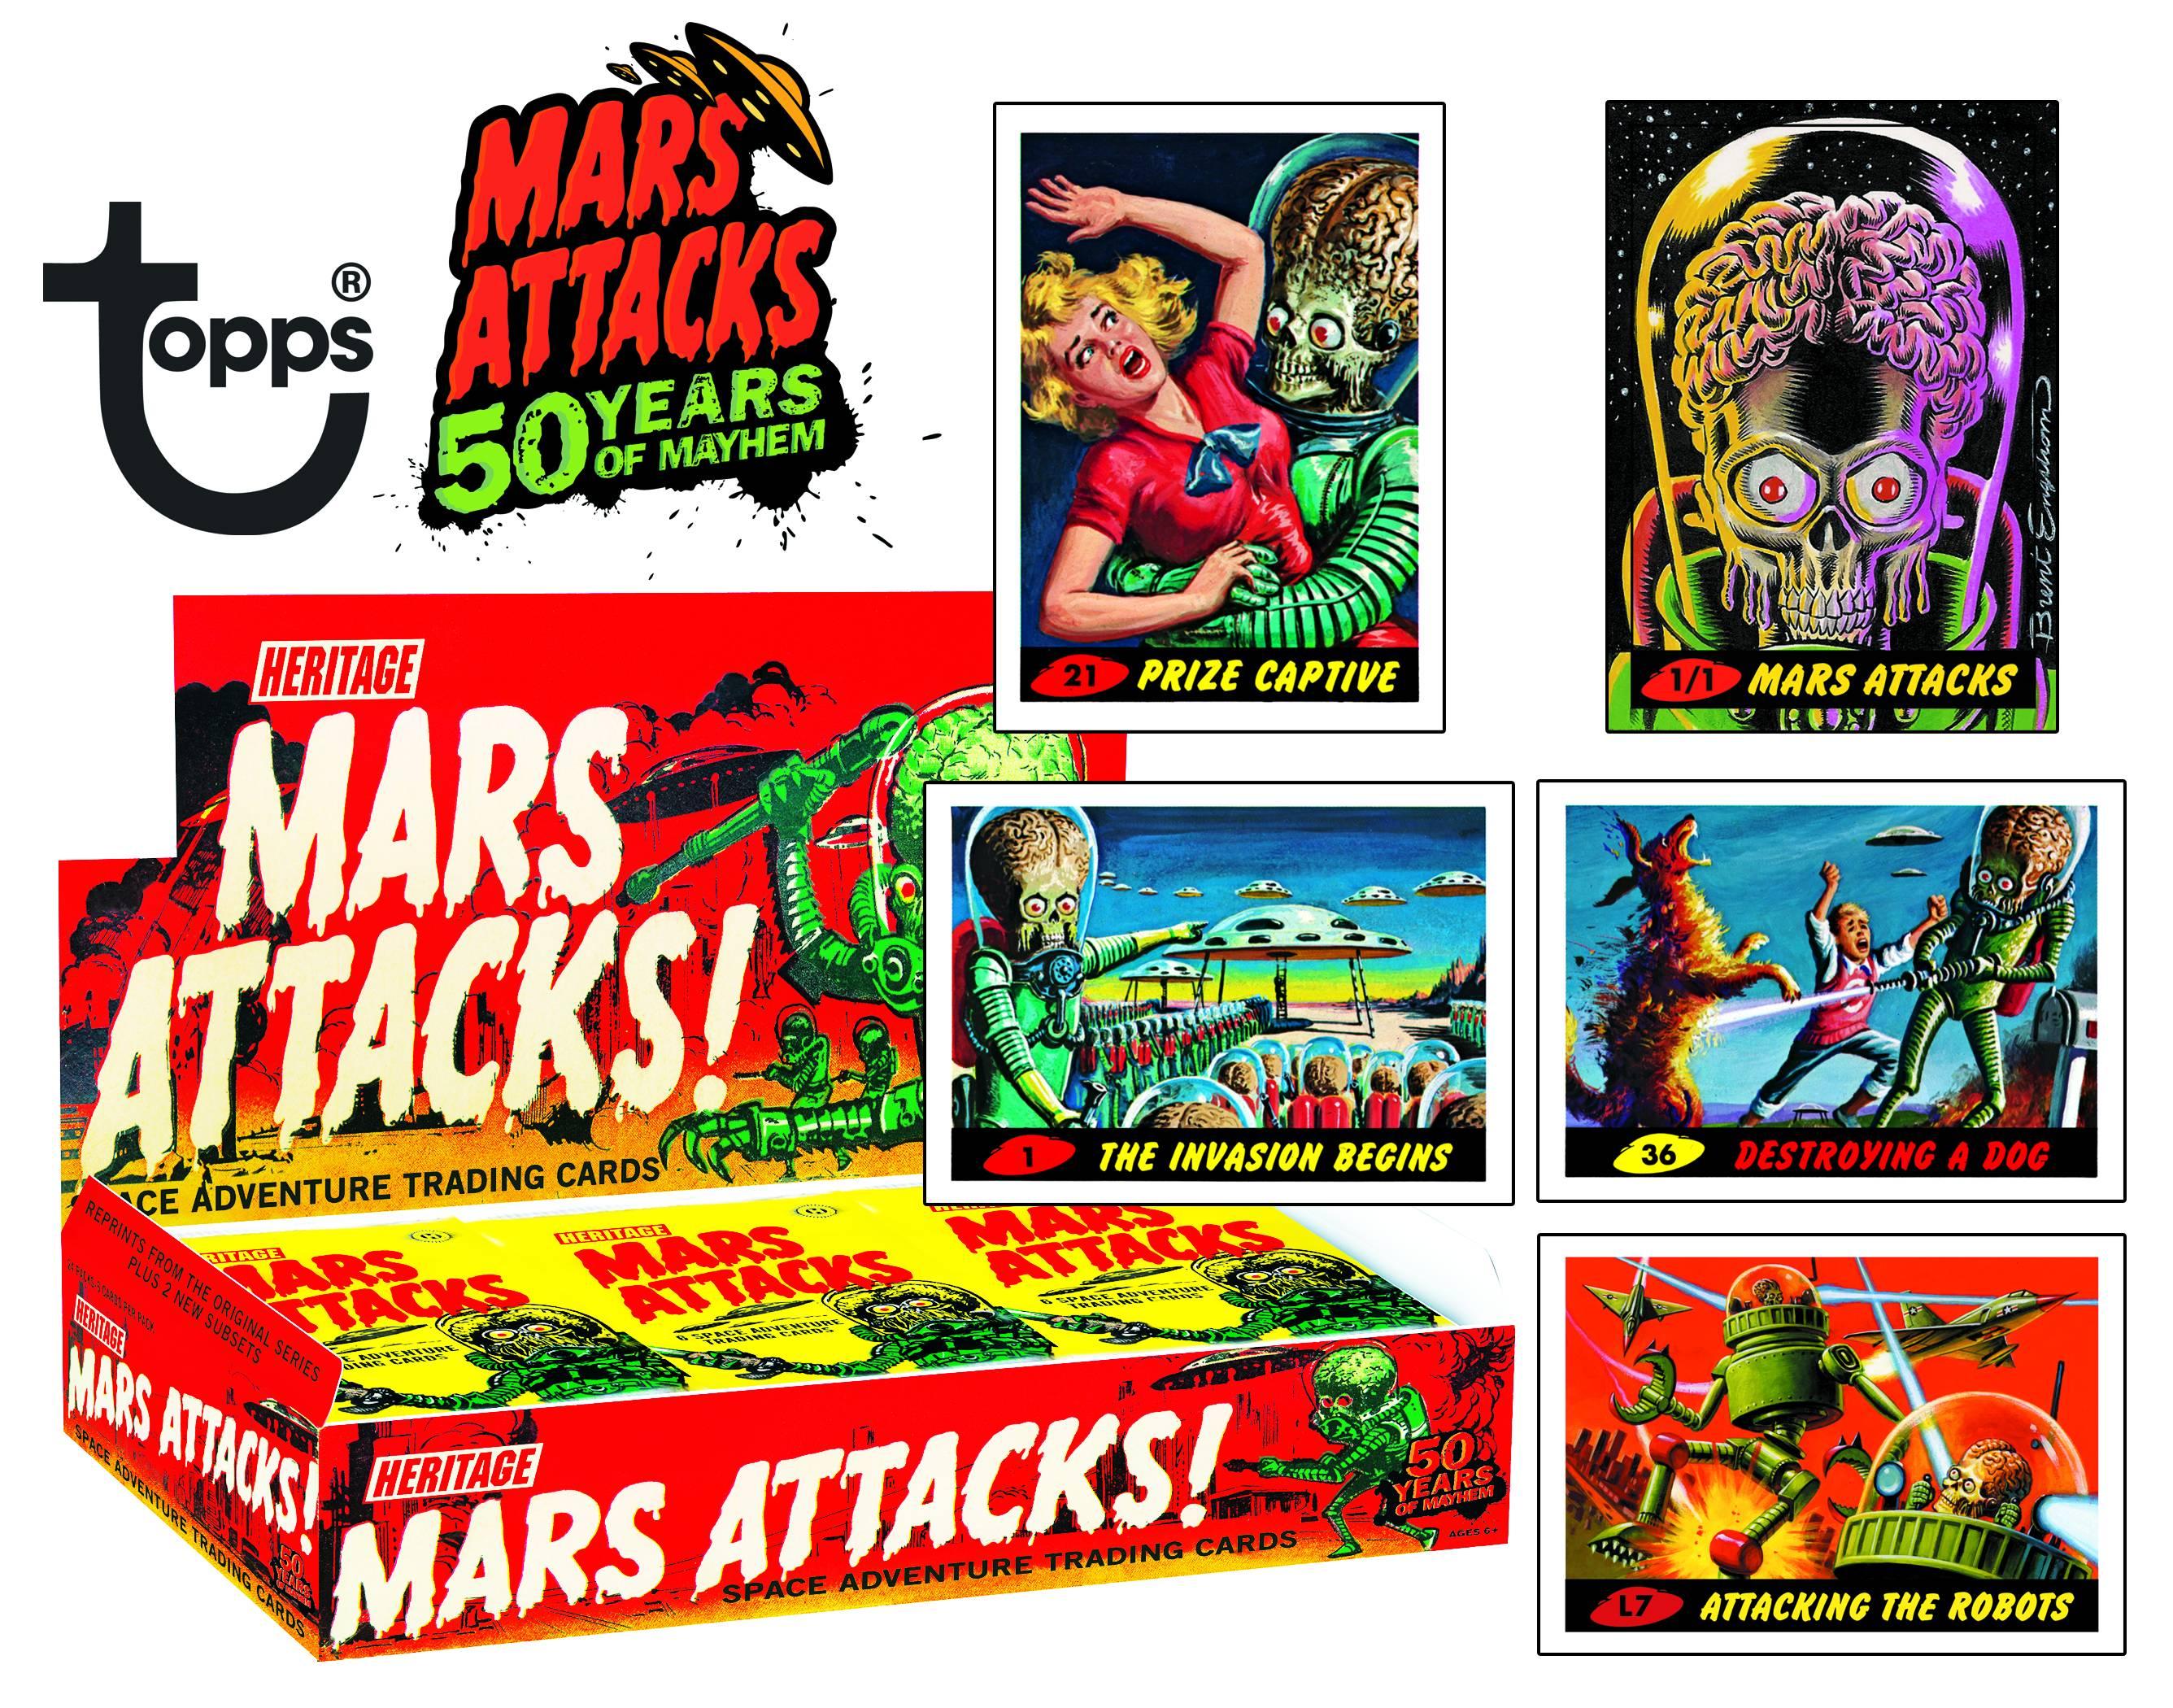 mars-attacks-50